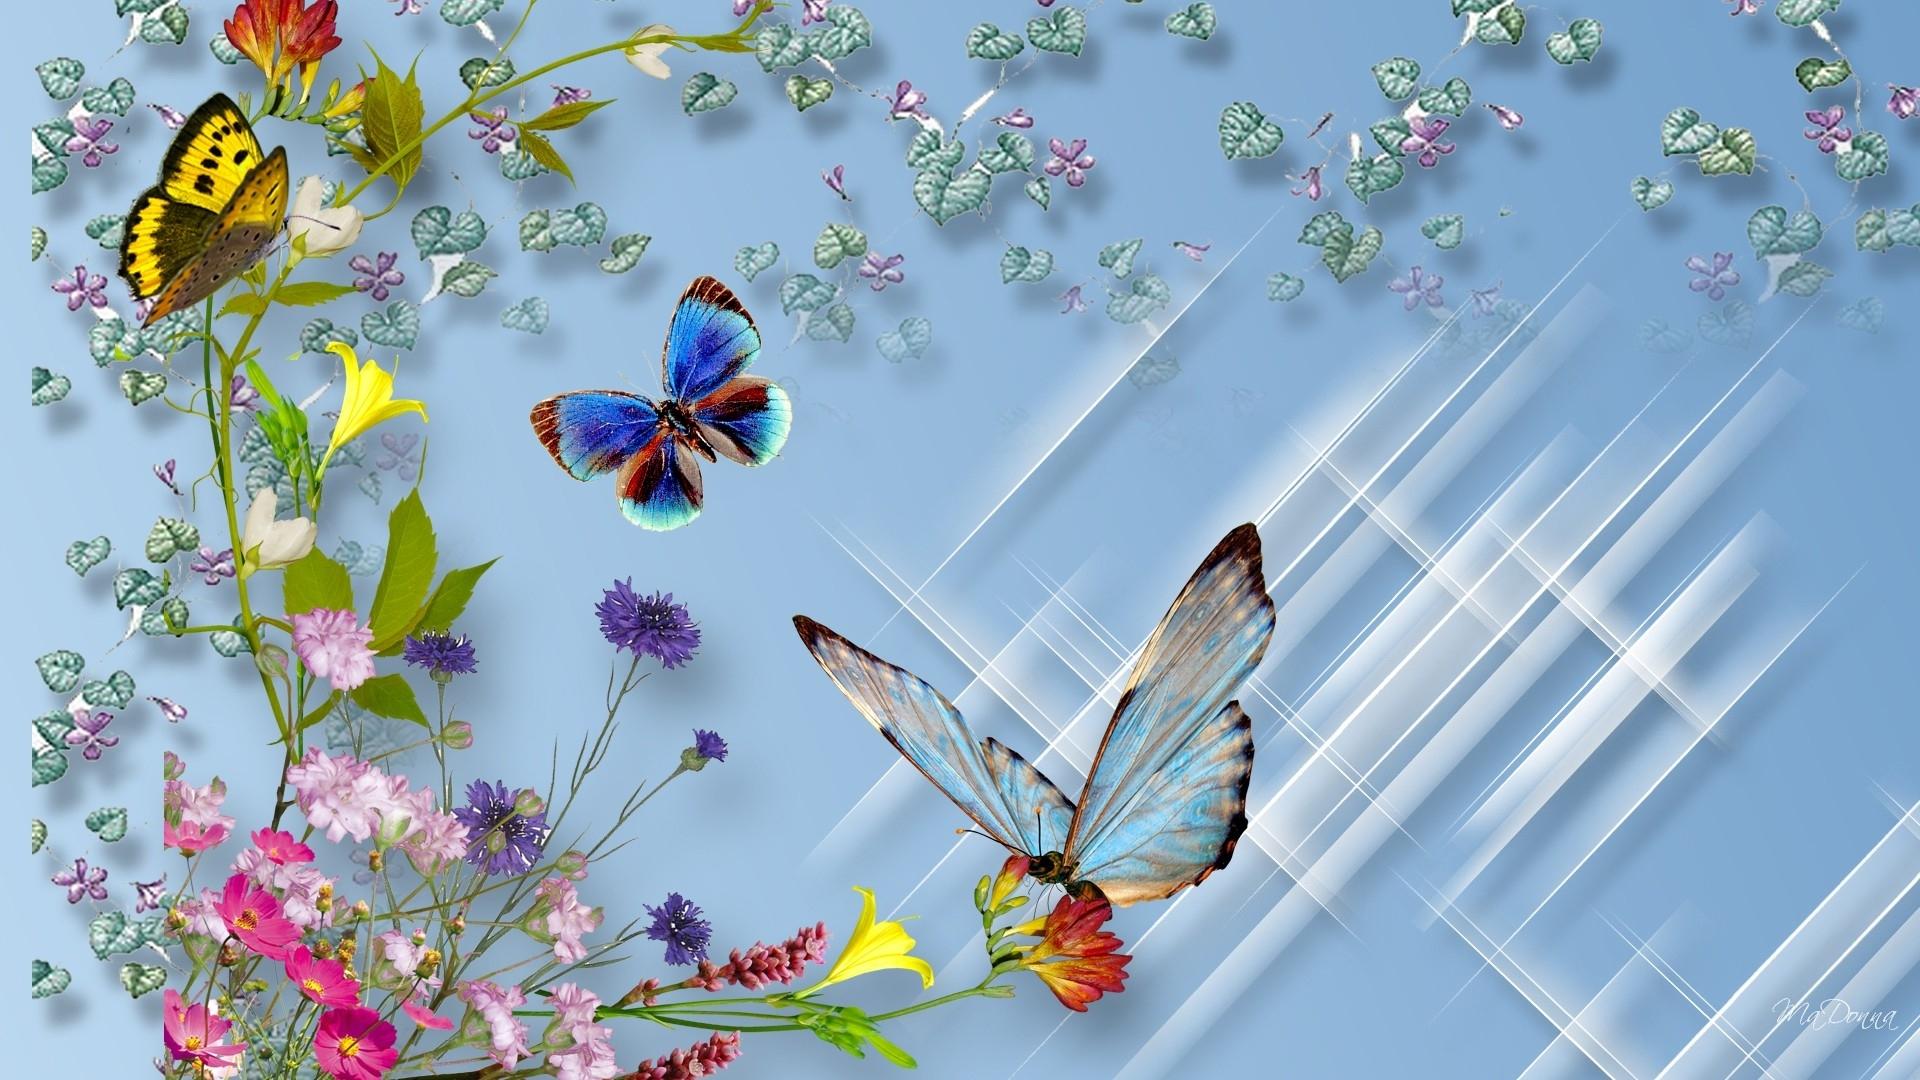 hd free download butterfly wallpaper